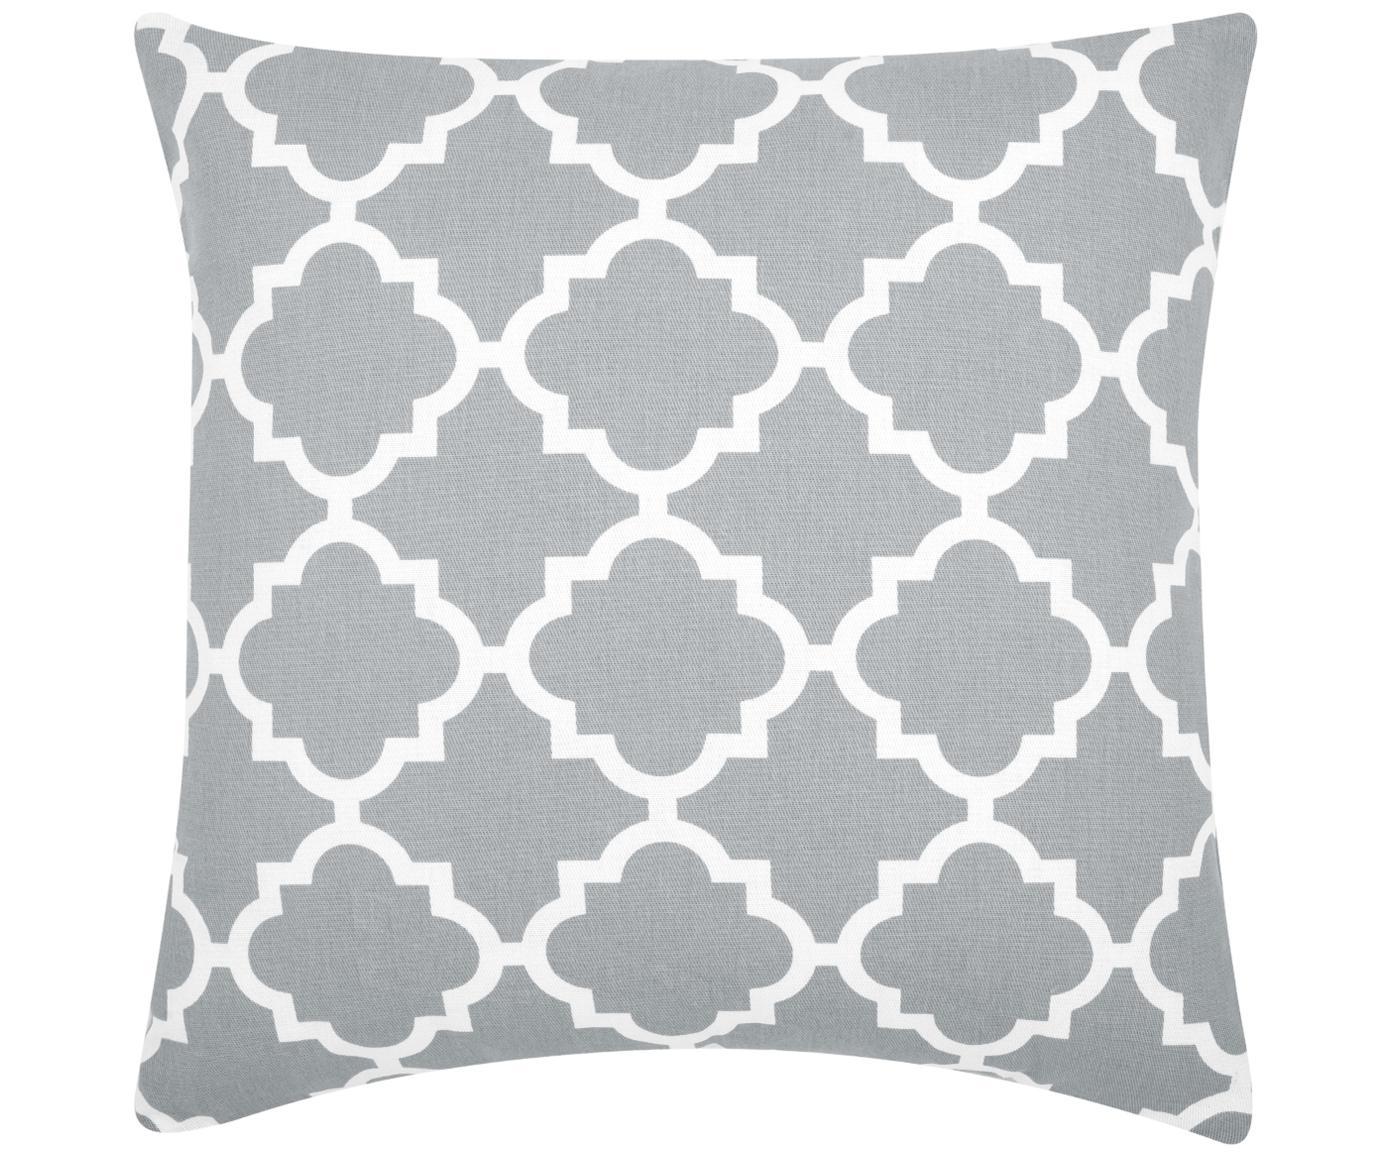 Poszewka na poduszkę Lana, Bawełna, Szary, biały, S 45 x D 45 cm